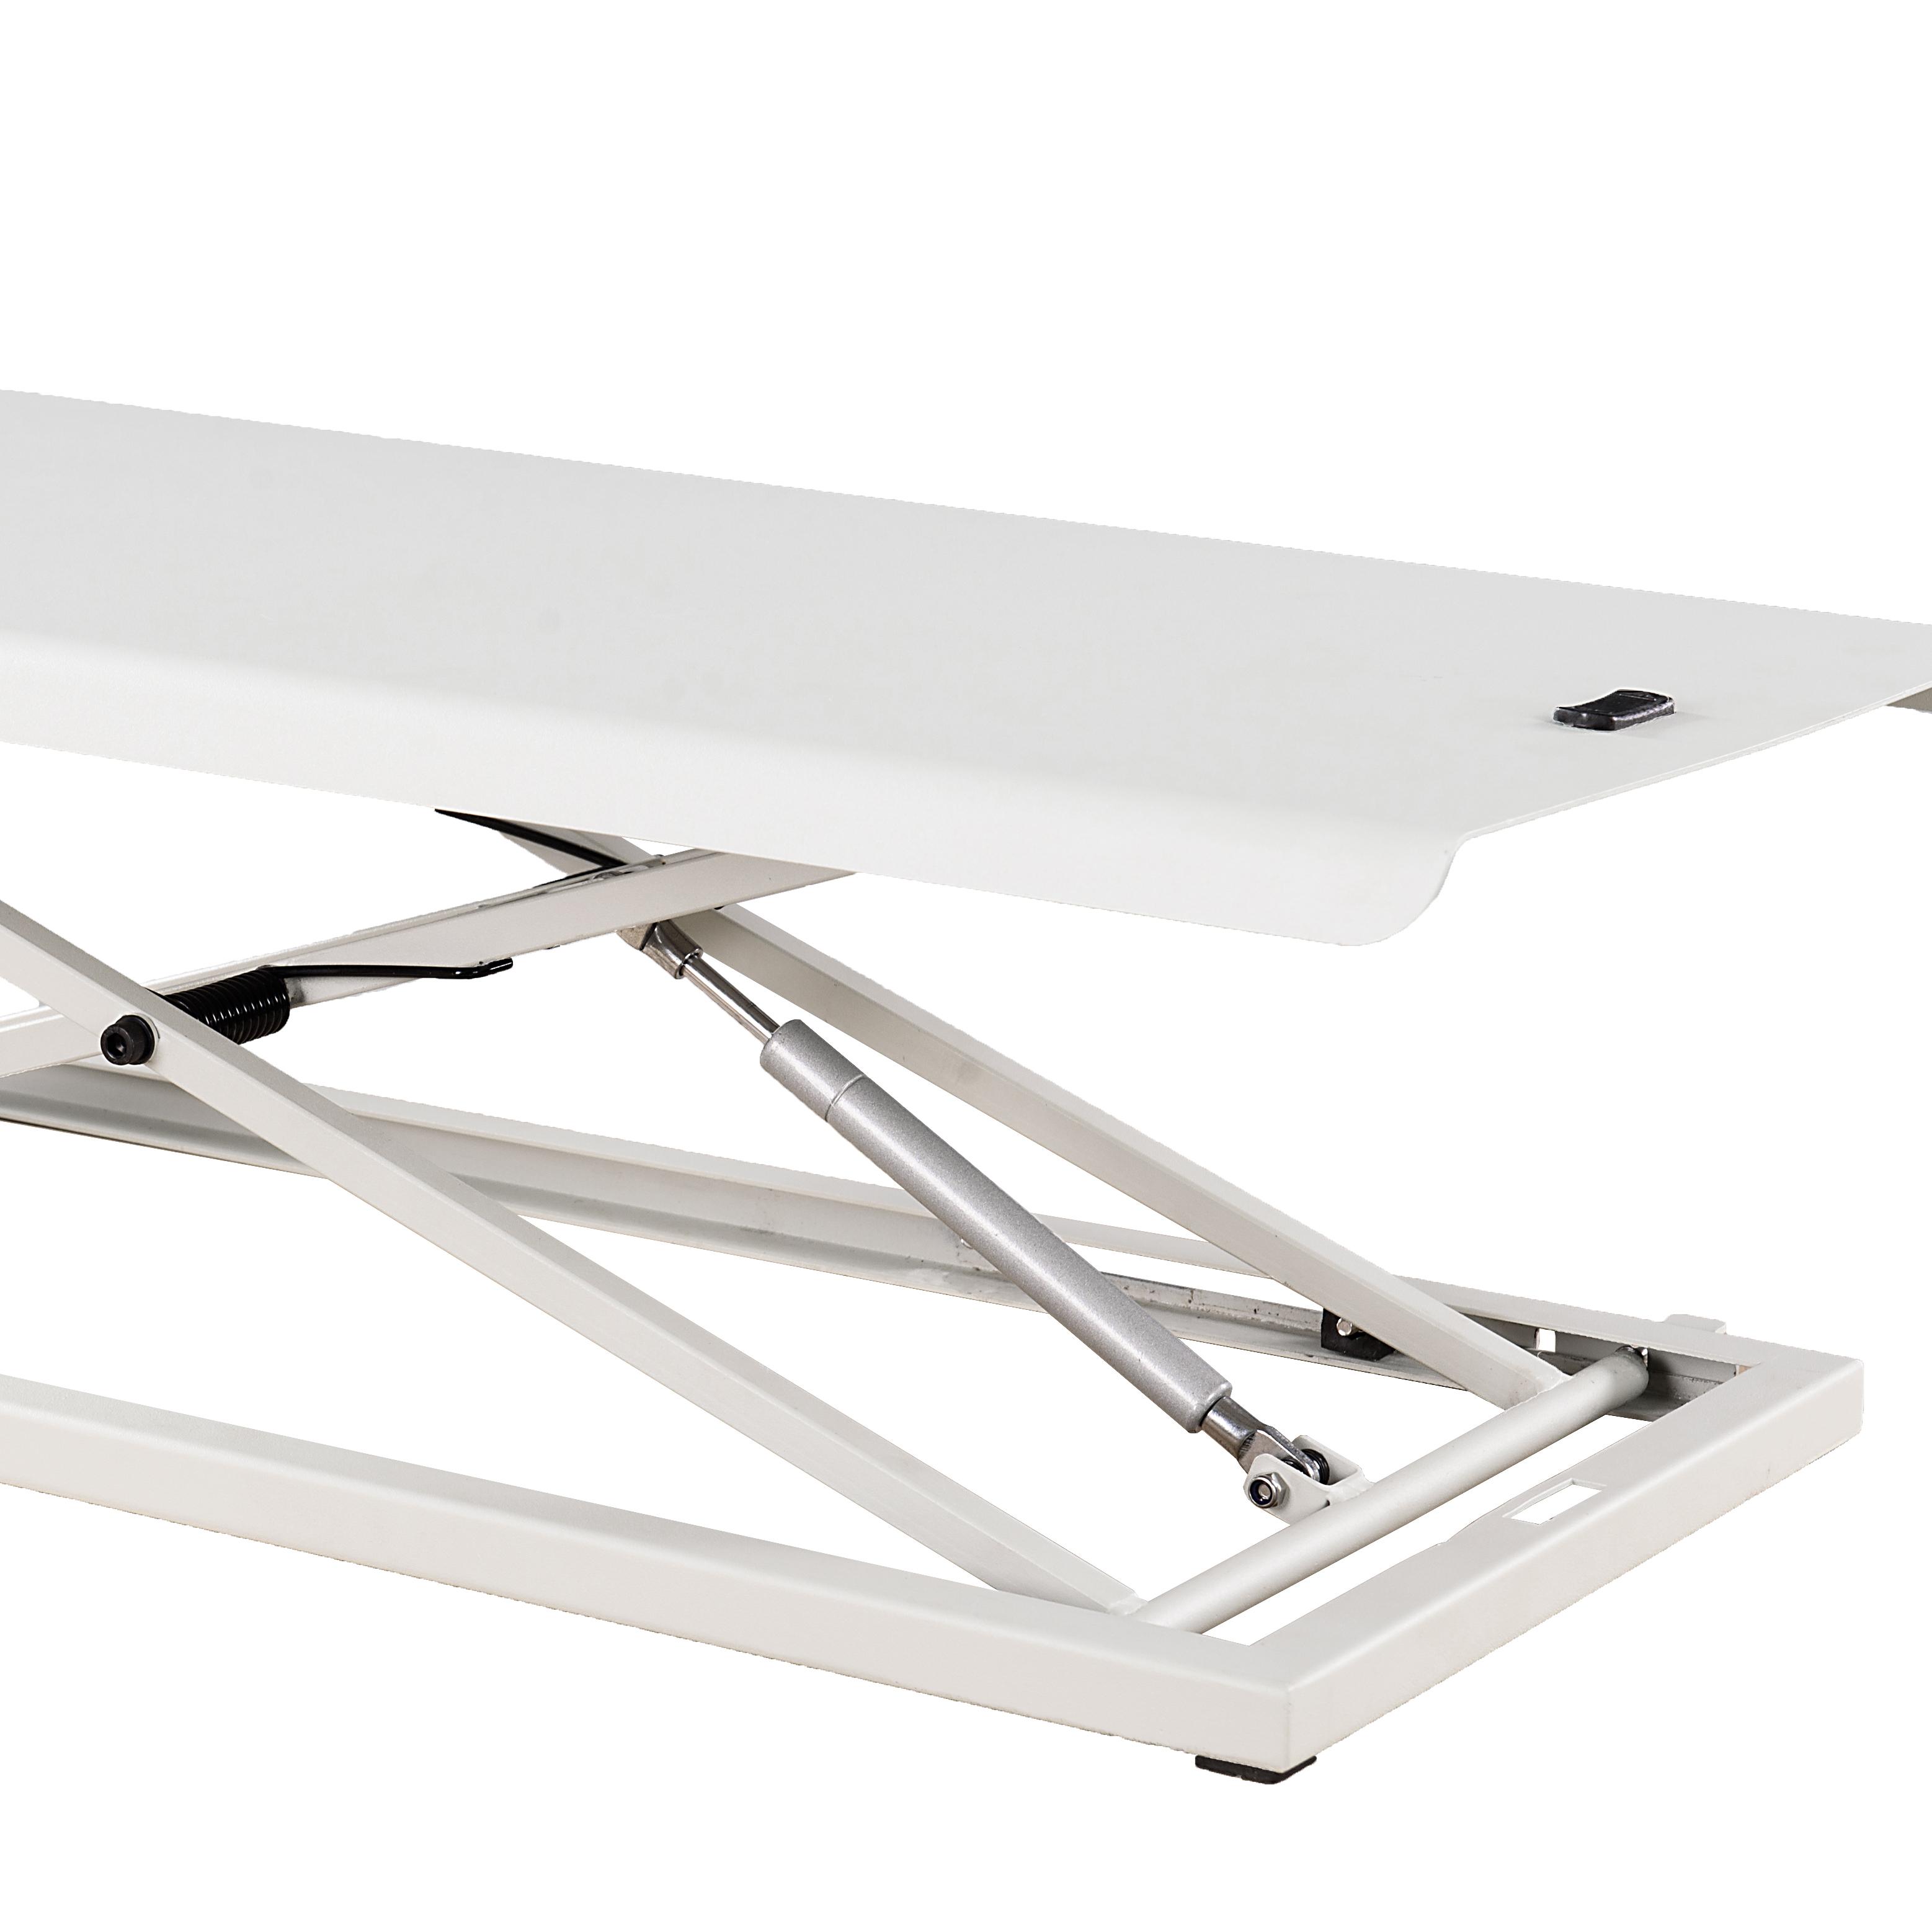 Soporte para sentarse, puesto de trabajo de escritorio, altura ajustable, plegable, blanco, escritorio de elevación de Gas